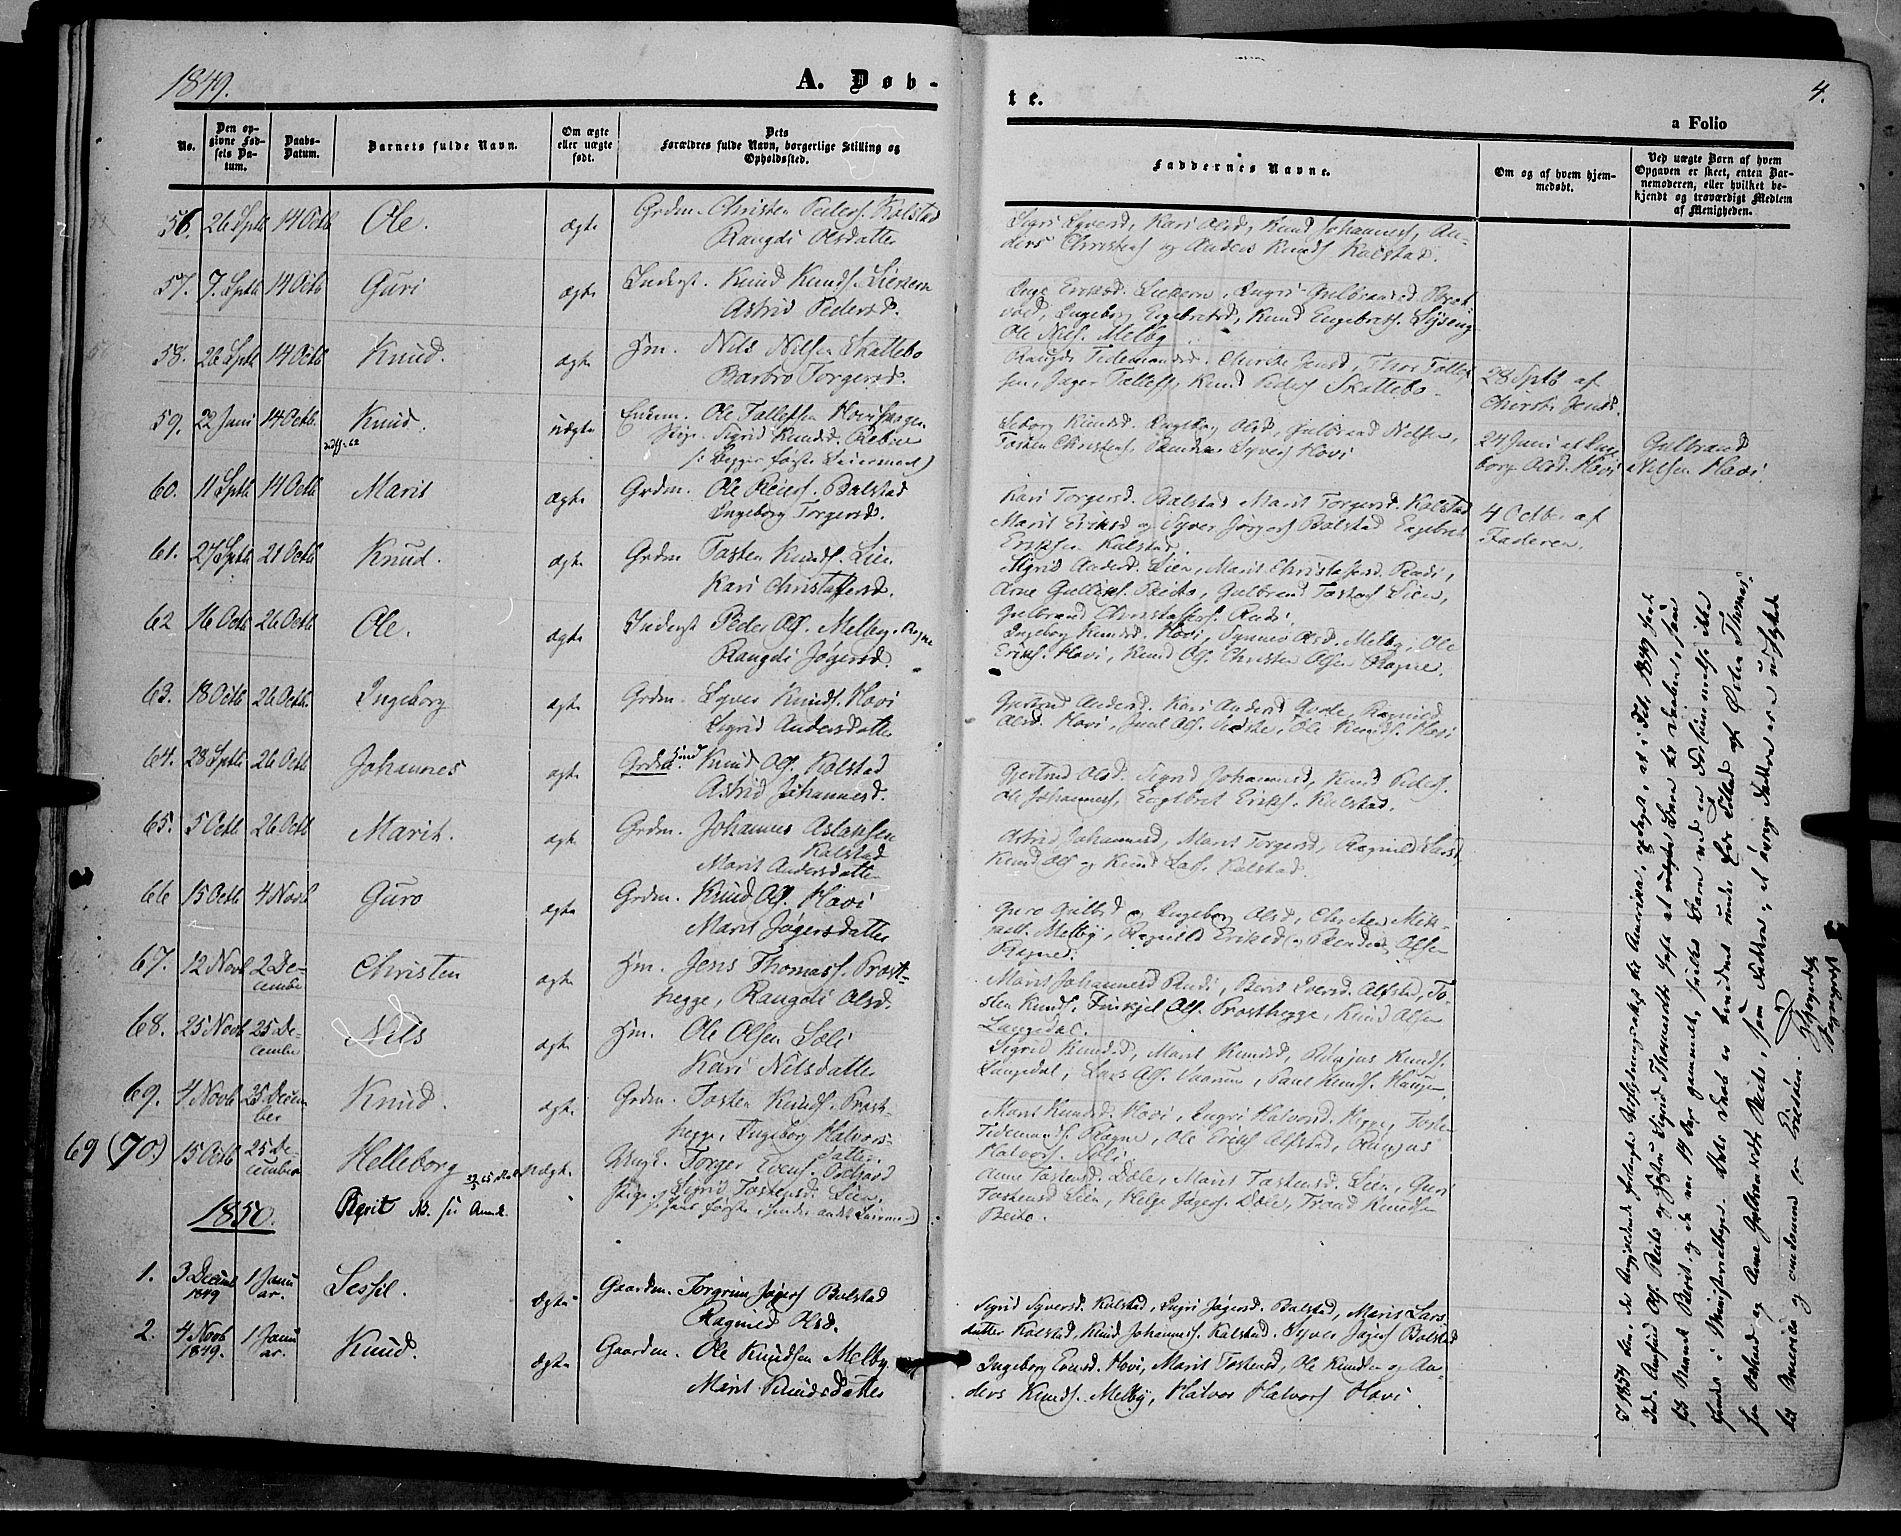 SAH, Øystre Slidre prestekontor, Ministerialbok nr. 1, 1849-1874, s. 4